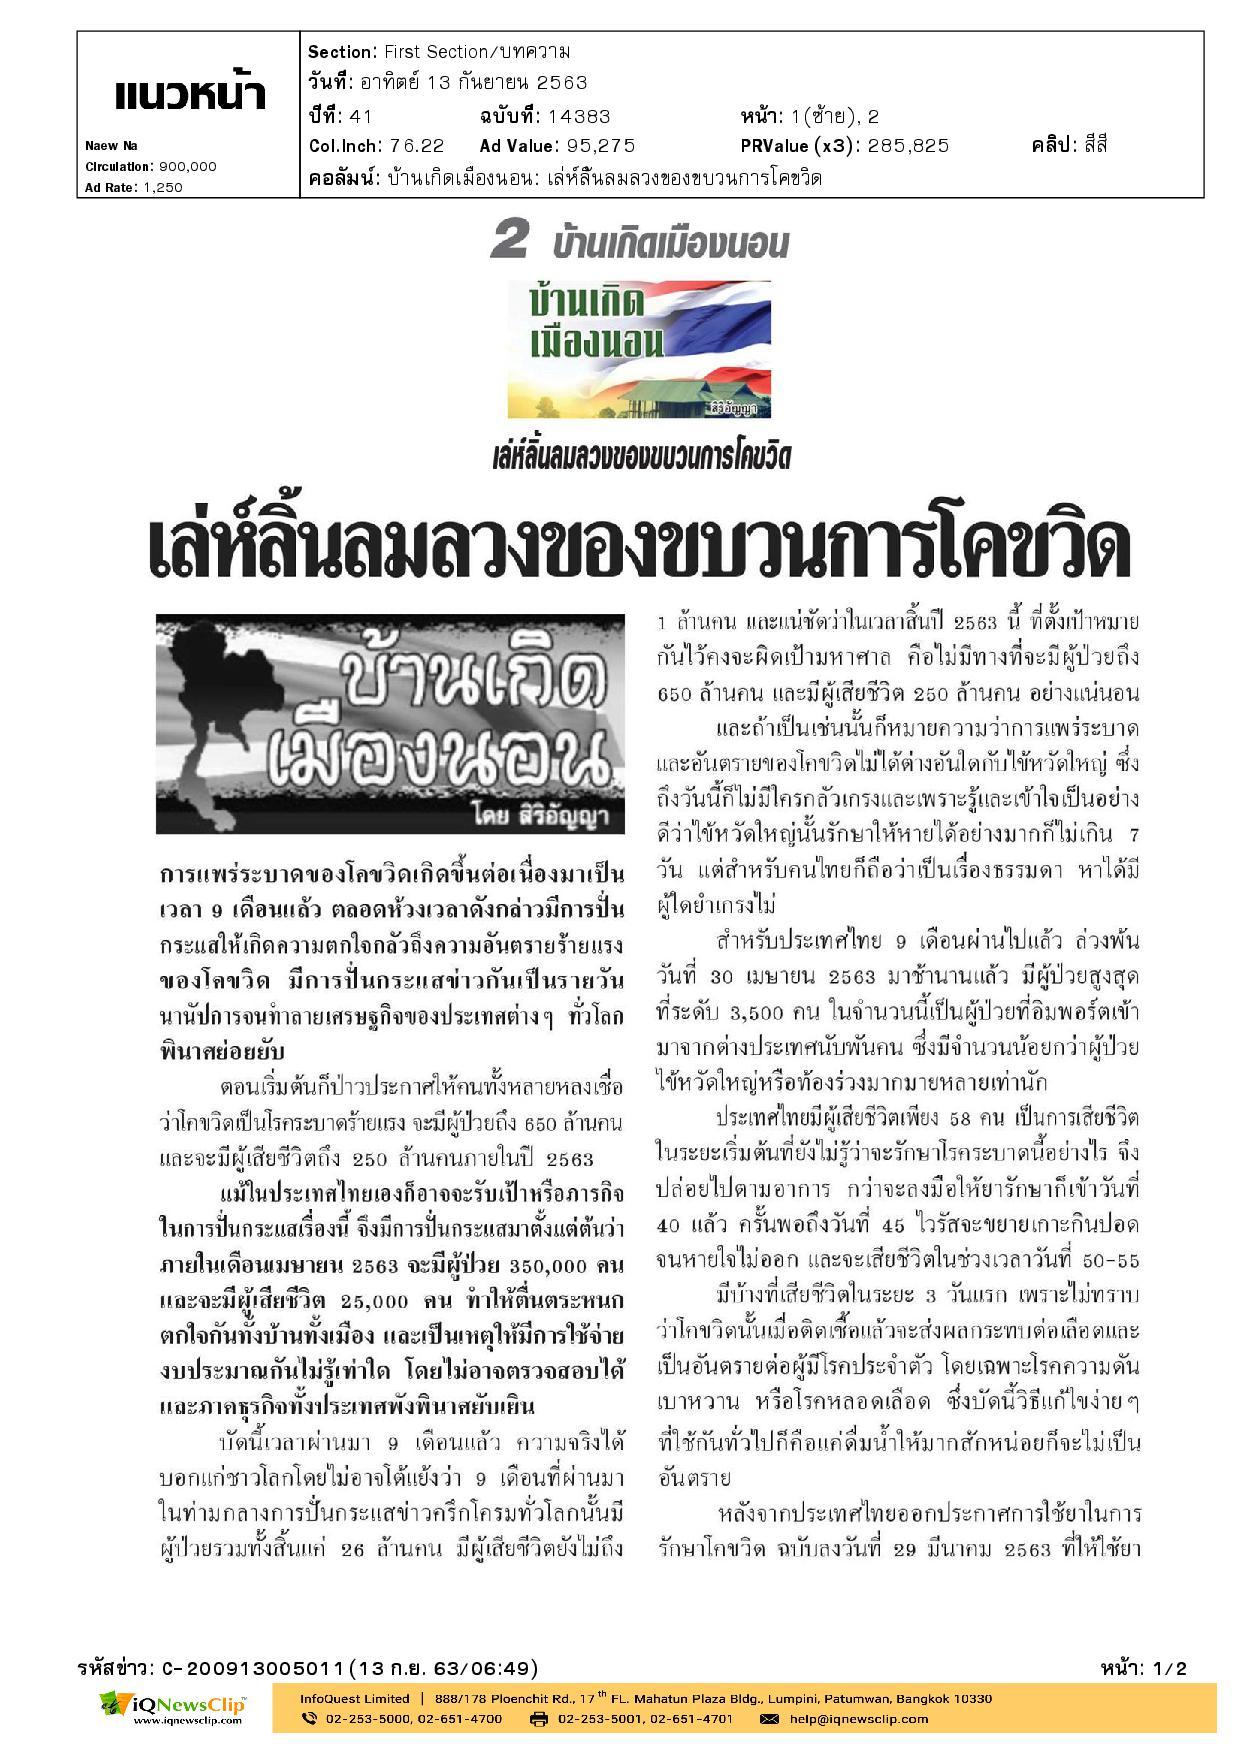 สภากาชาดไทย รณรงค์ให้มีการใช้พลาสมาในการรักษาโควิด-19